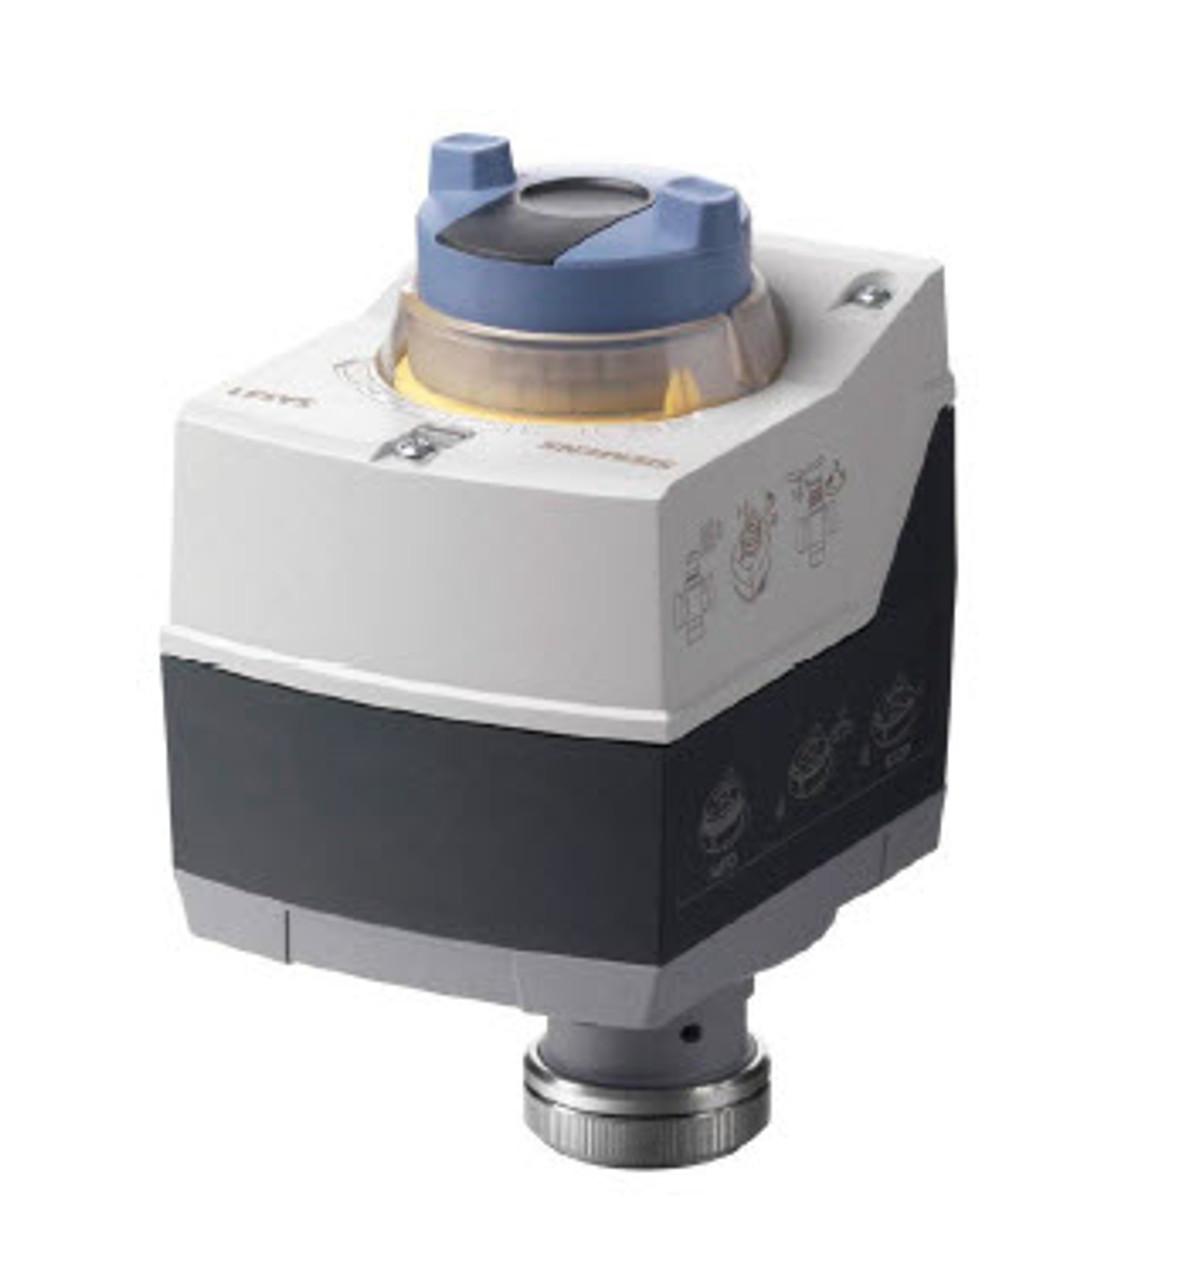 Siemens SAS81.00, S55158-A103, electromotoric actuator